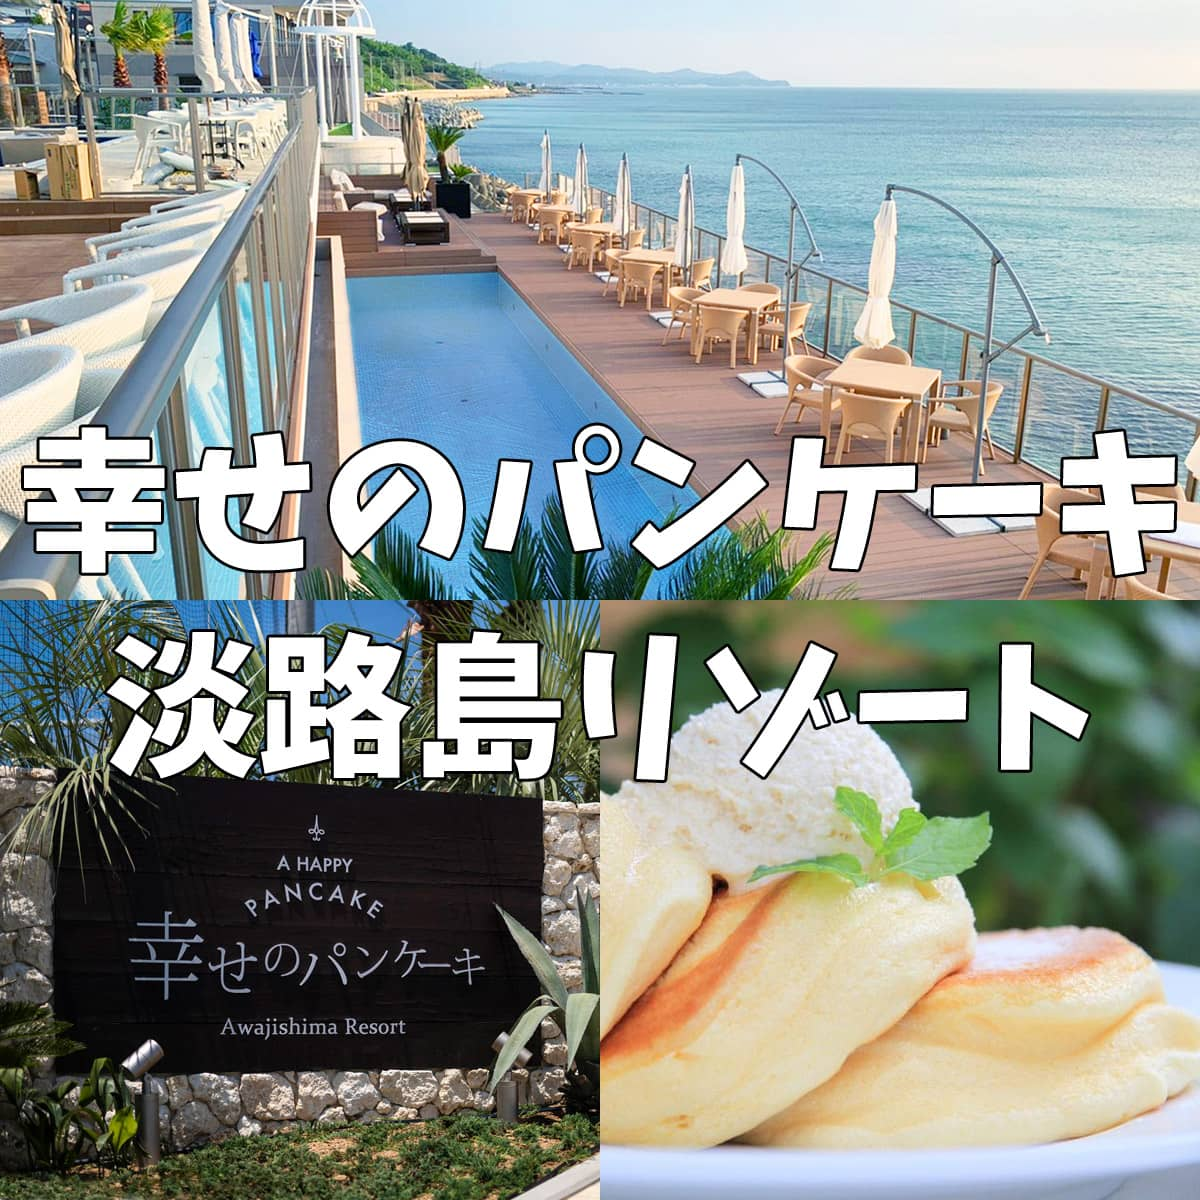 幸せのパンケーキ淡路島リゾート